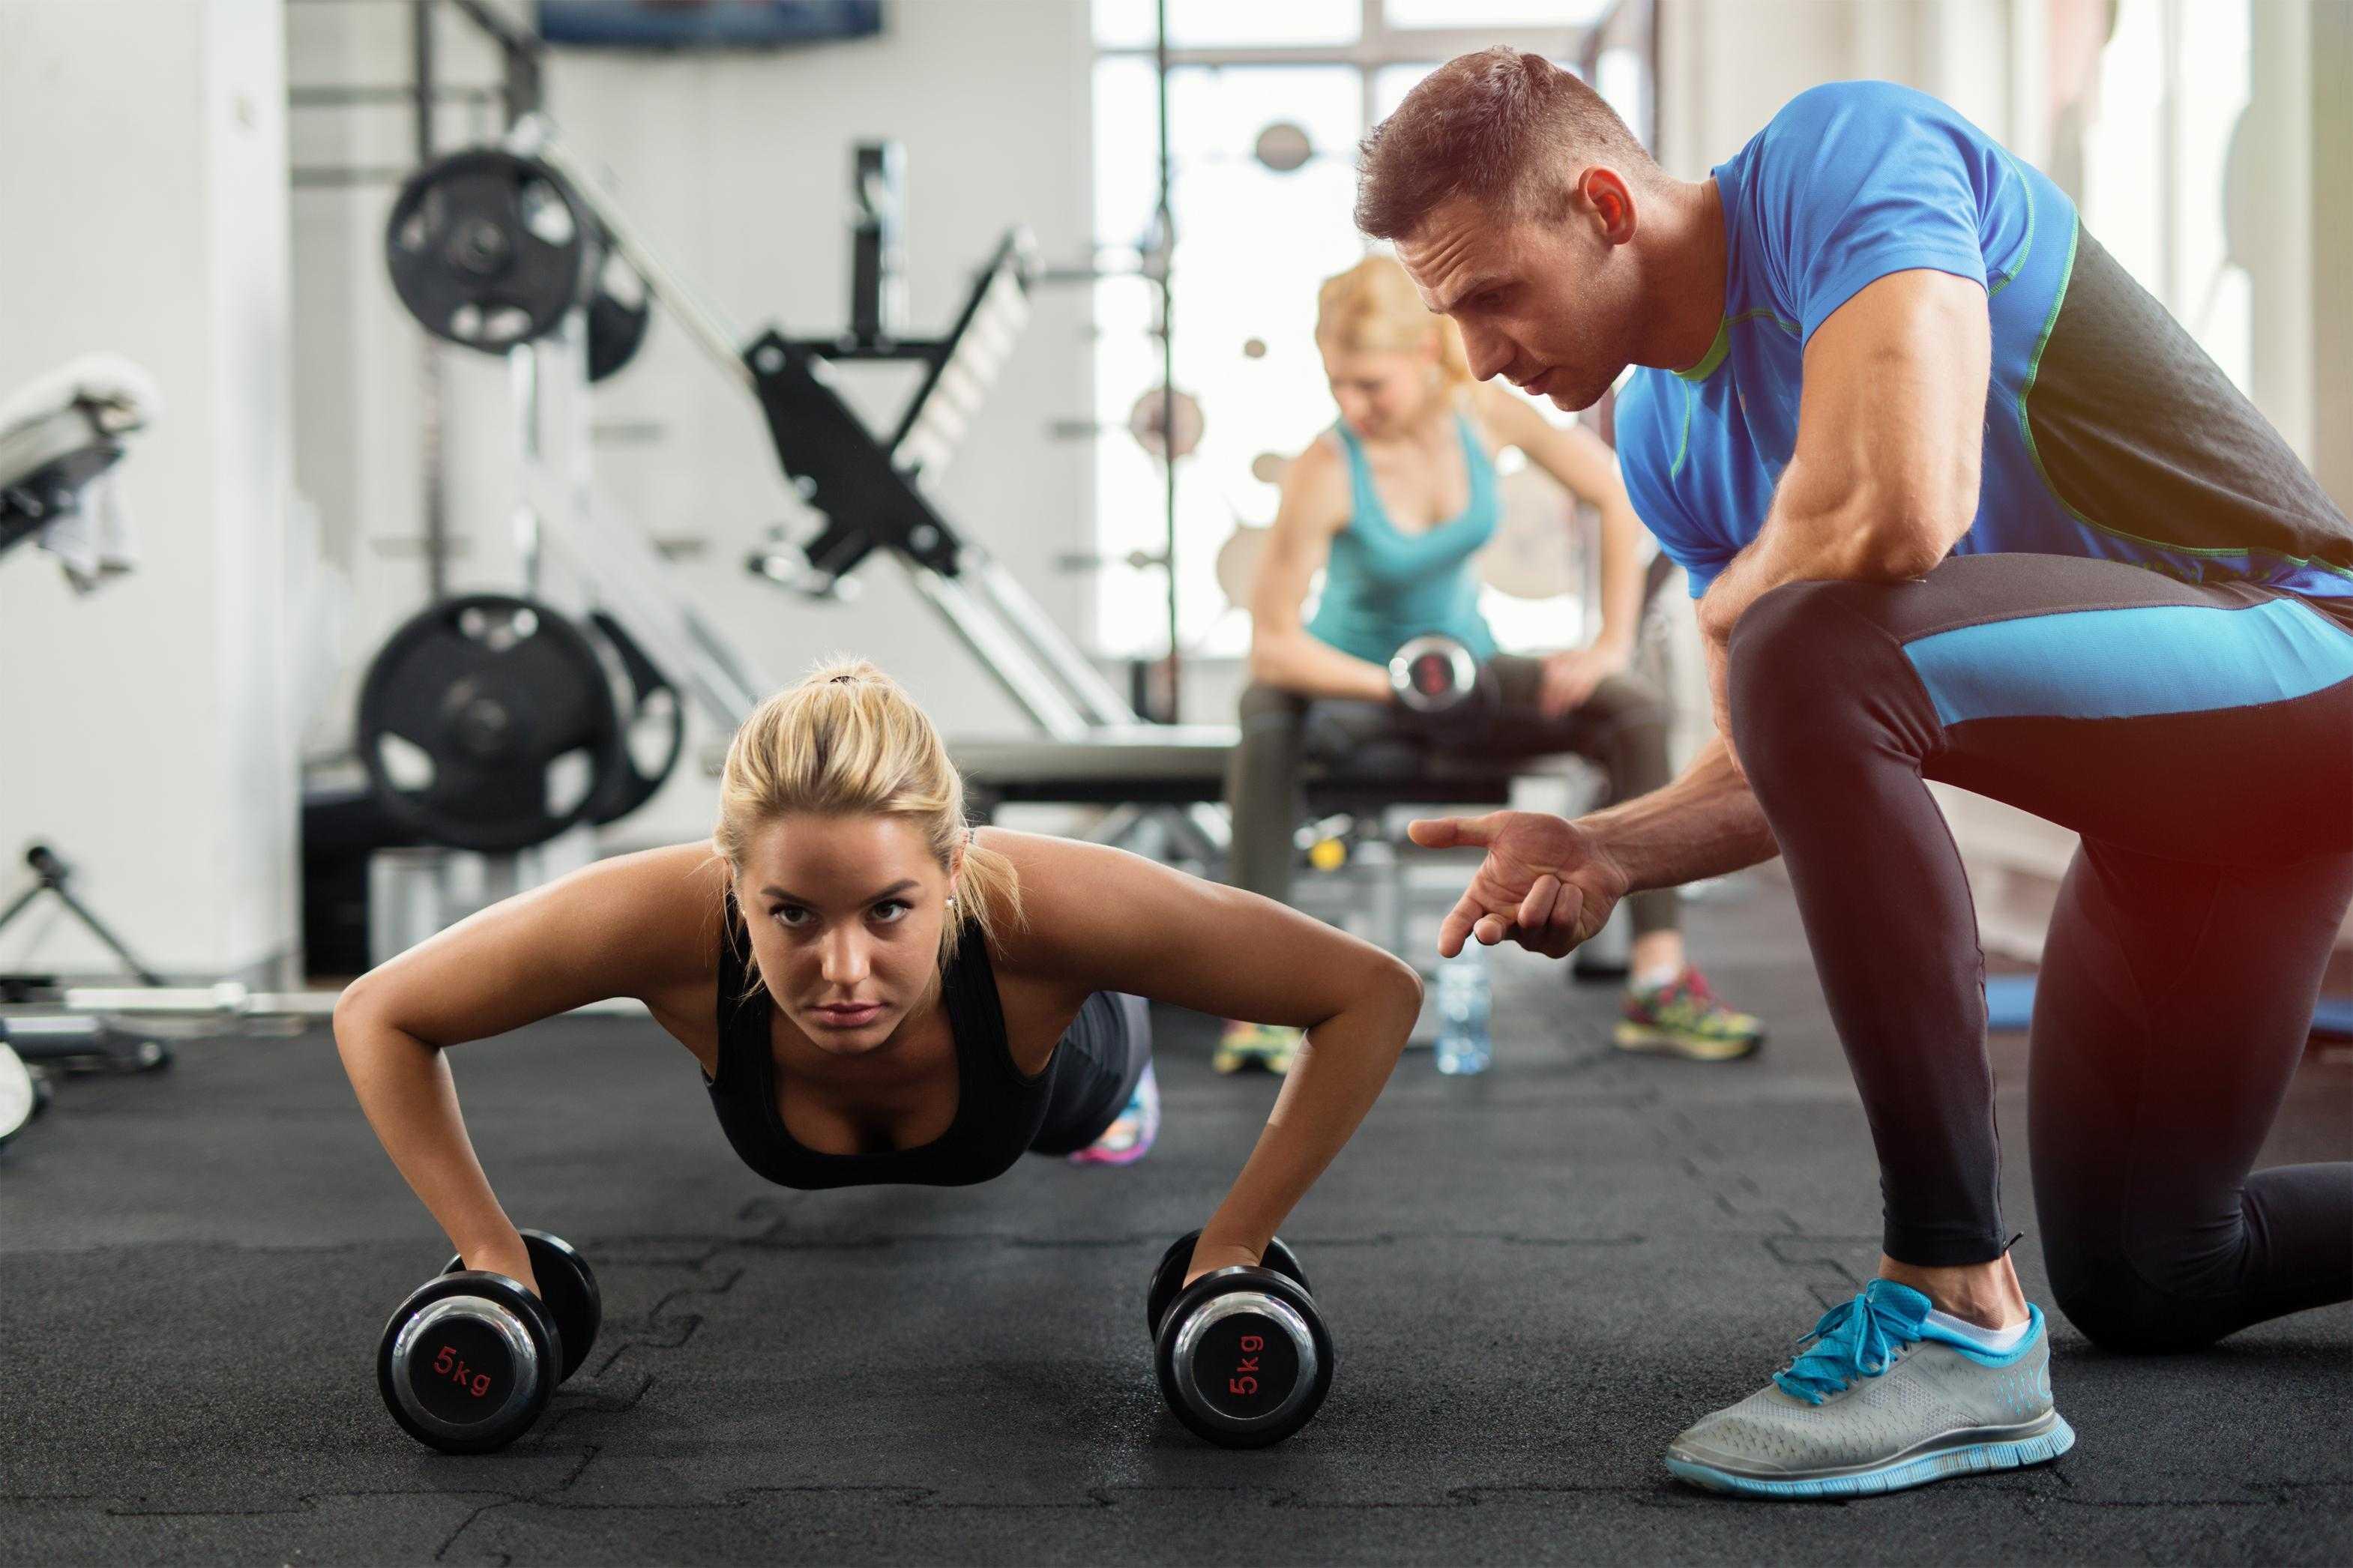 Силовые тренировки, реутова наталья и михаил: тренинг в домашних условиях на плечи, спину и другие части тела